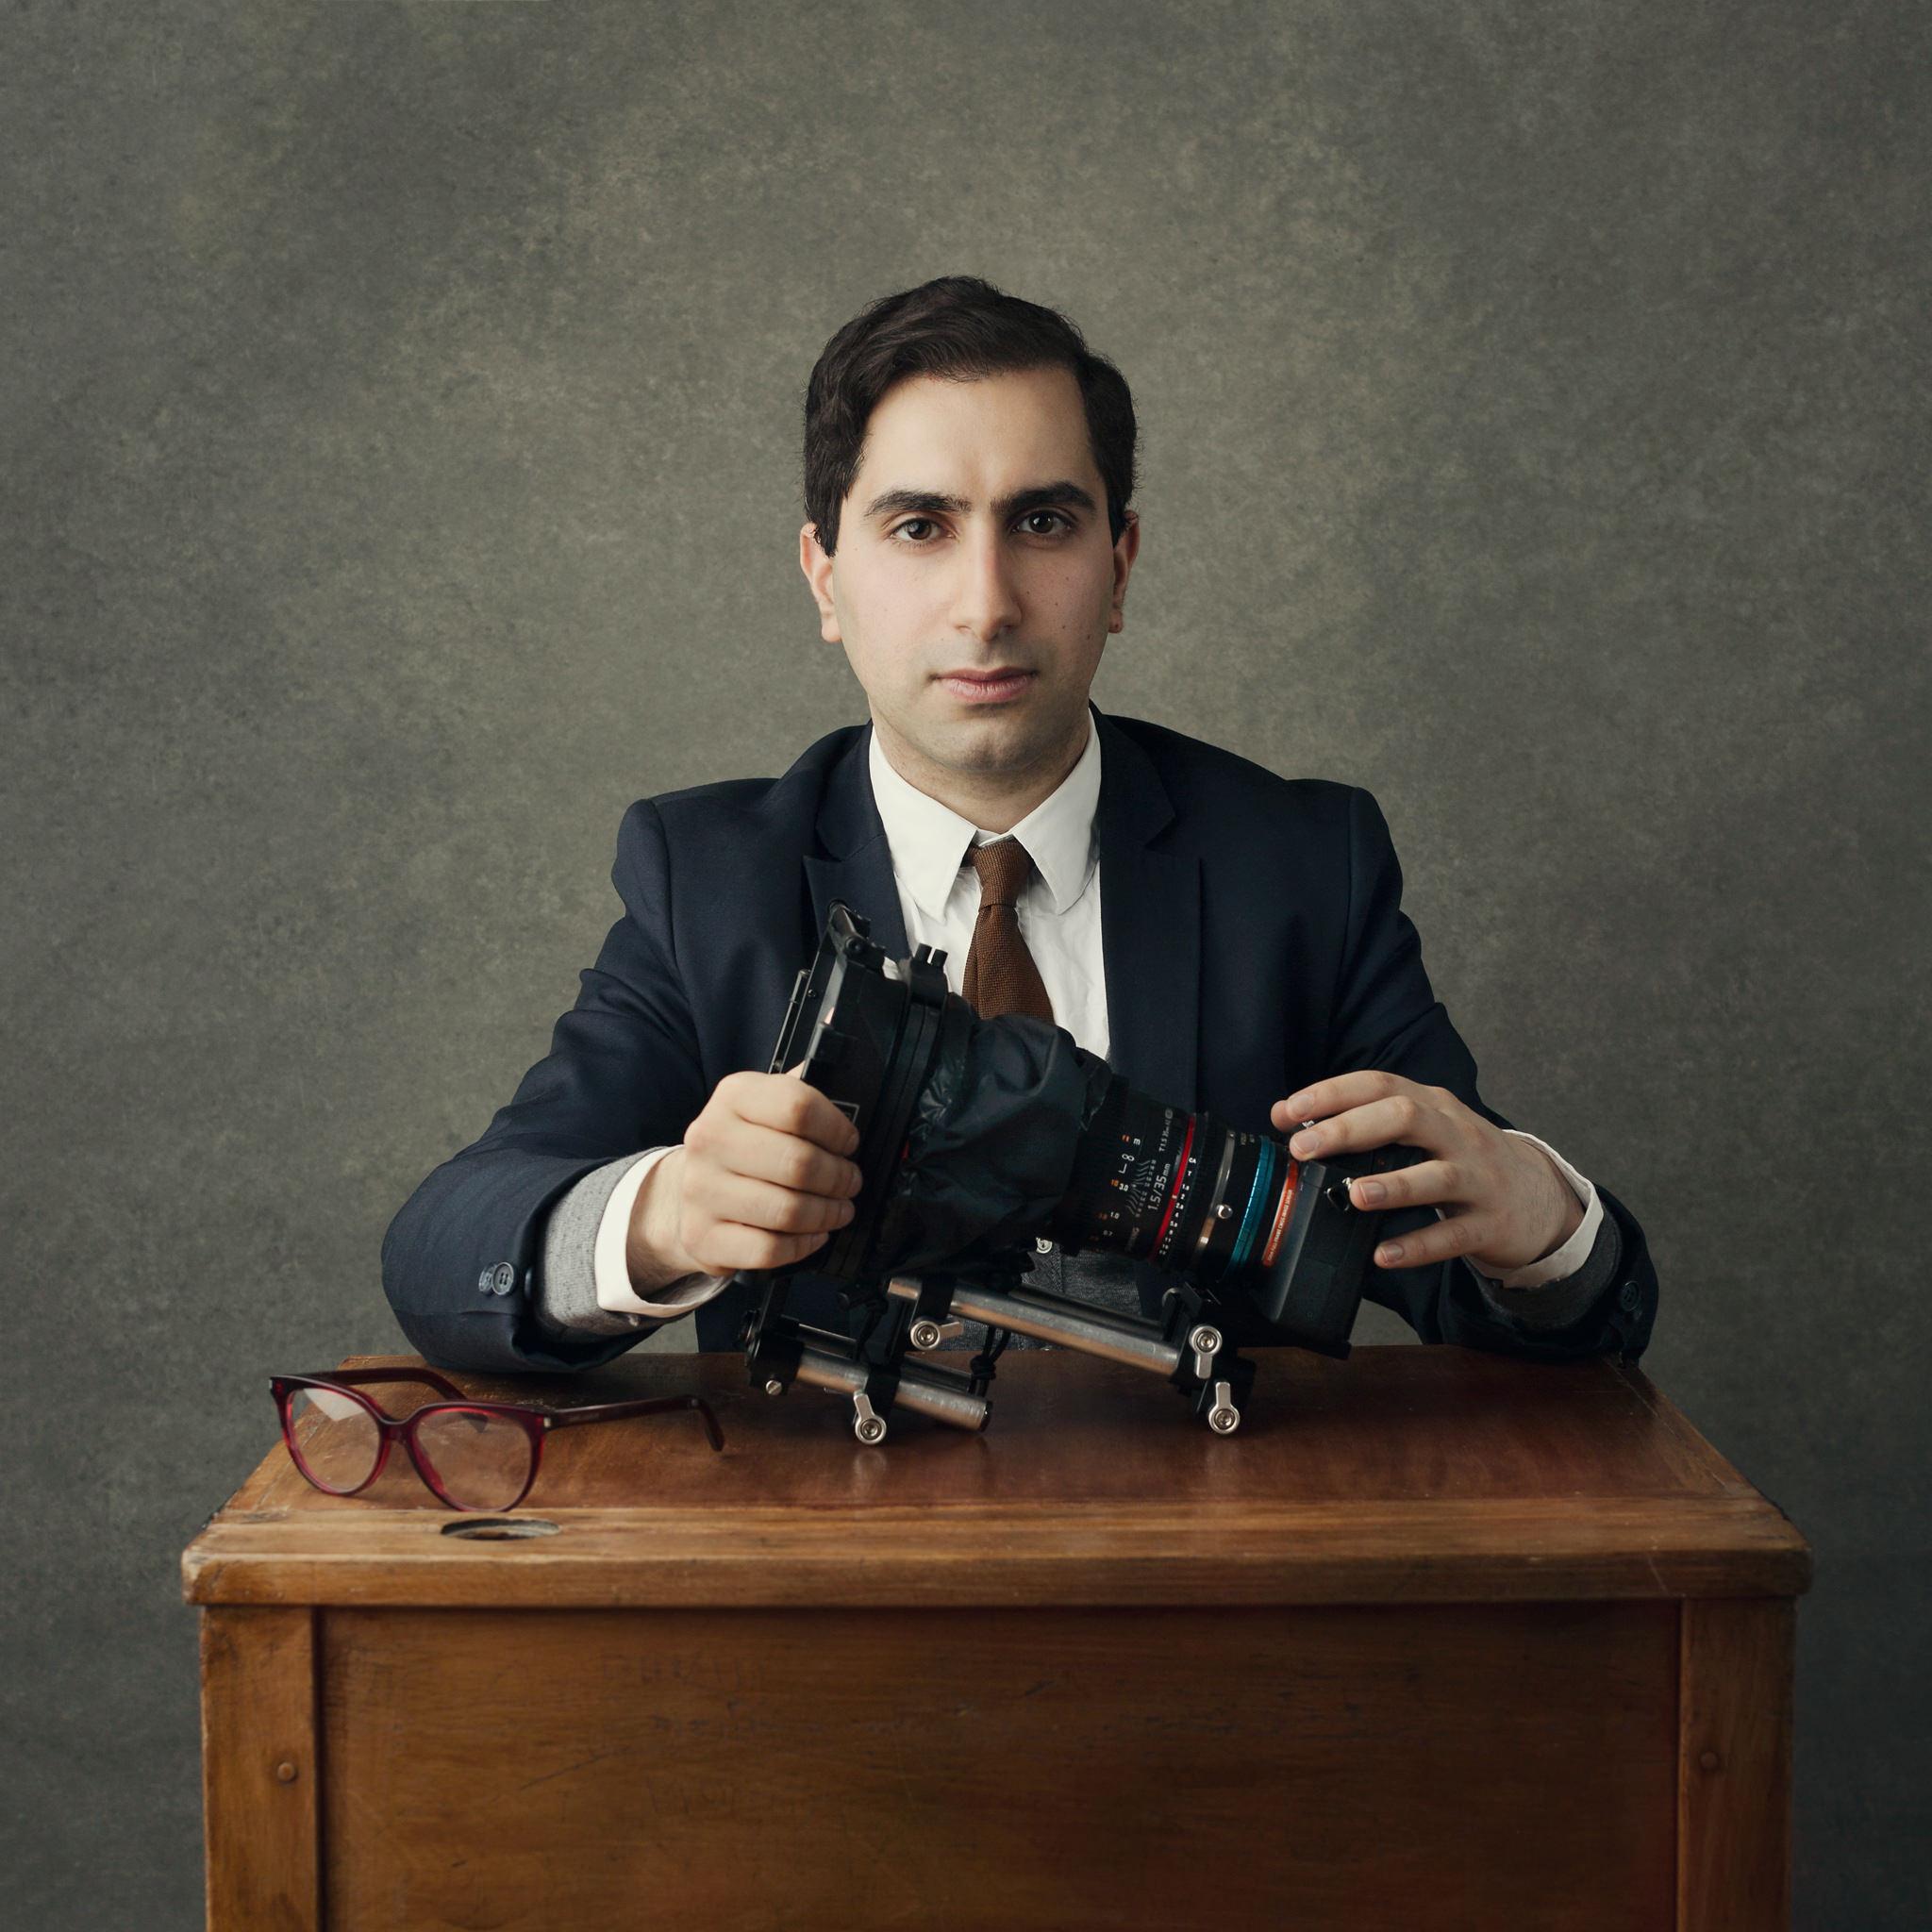 Editorial photography UK, headshot photography